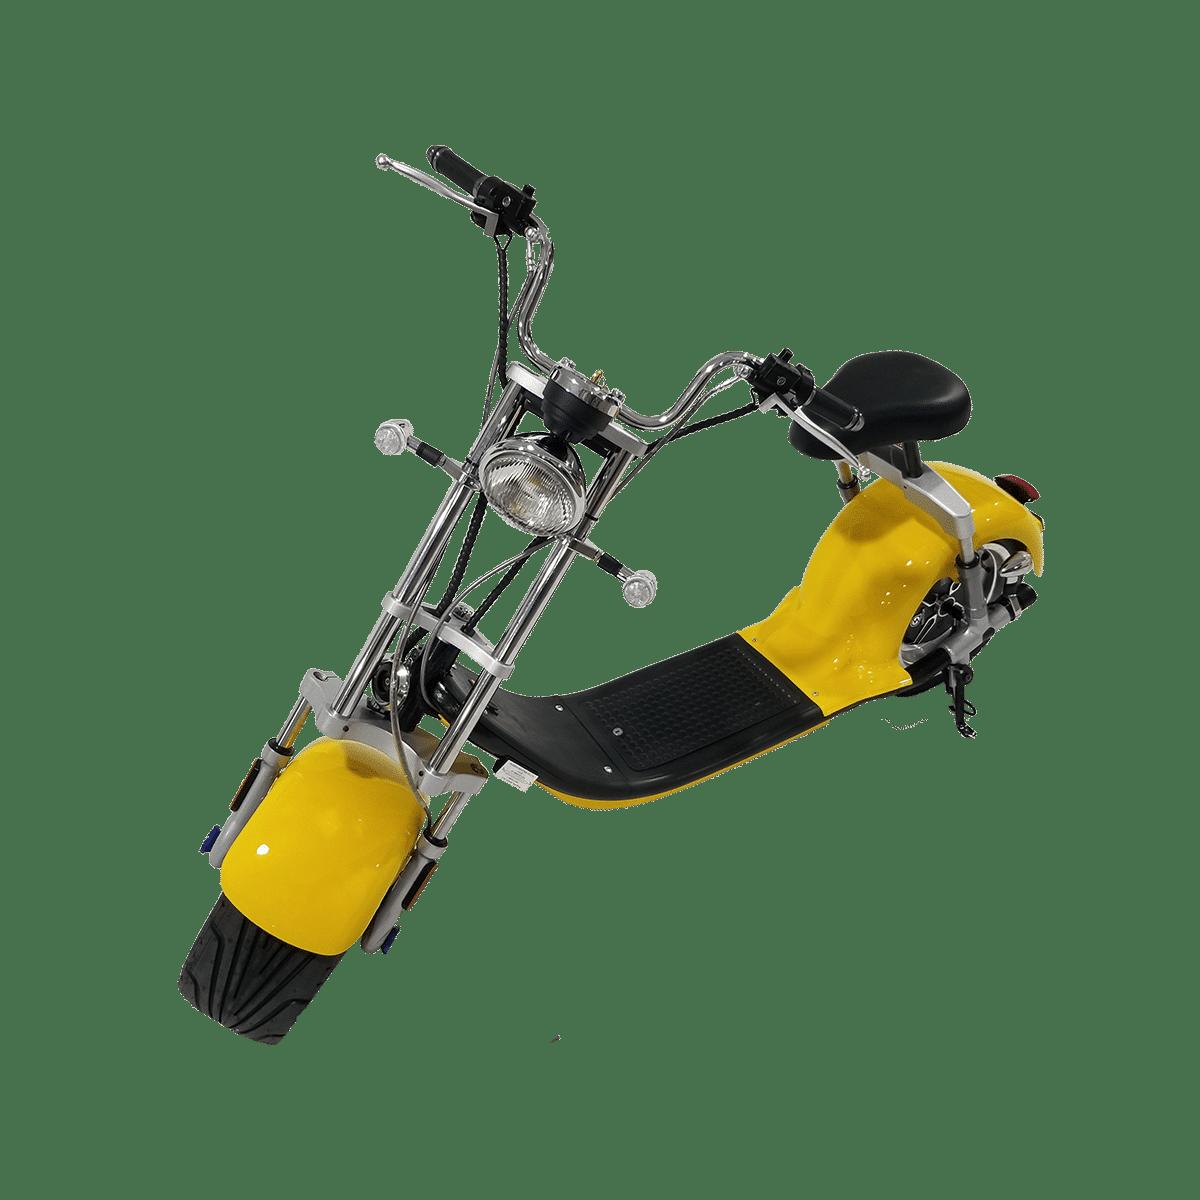 Citycoco Harley Deluxe Jaune 1190€ 10